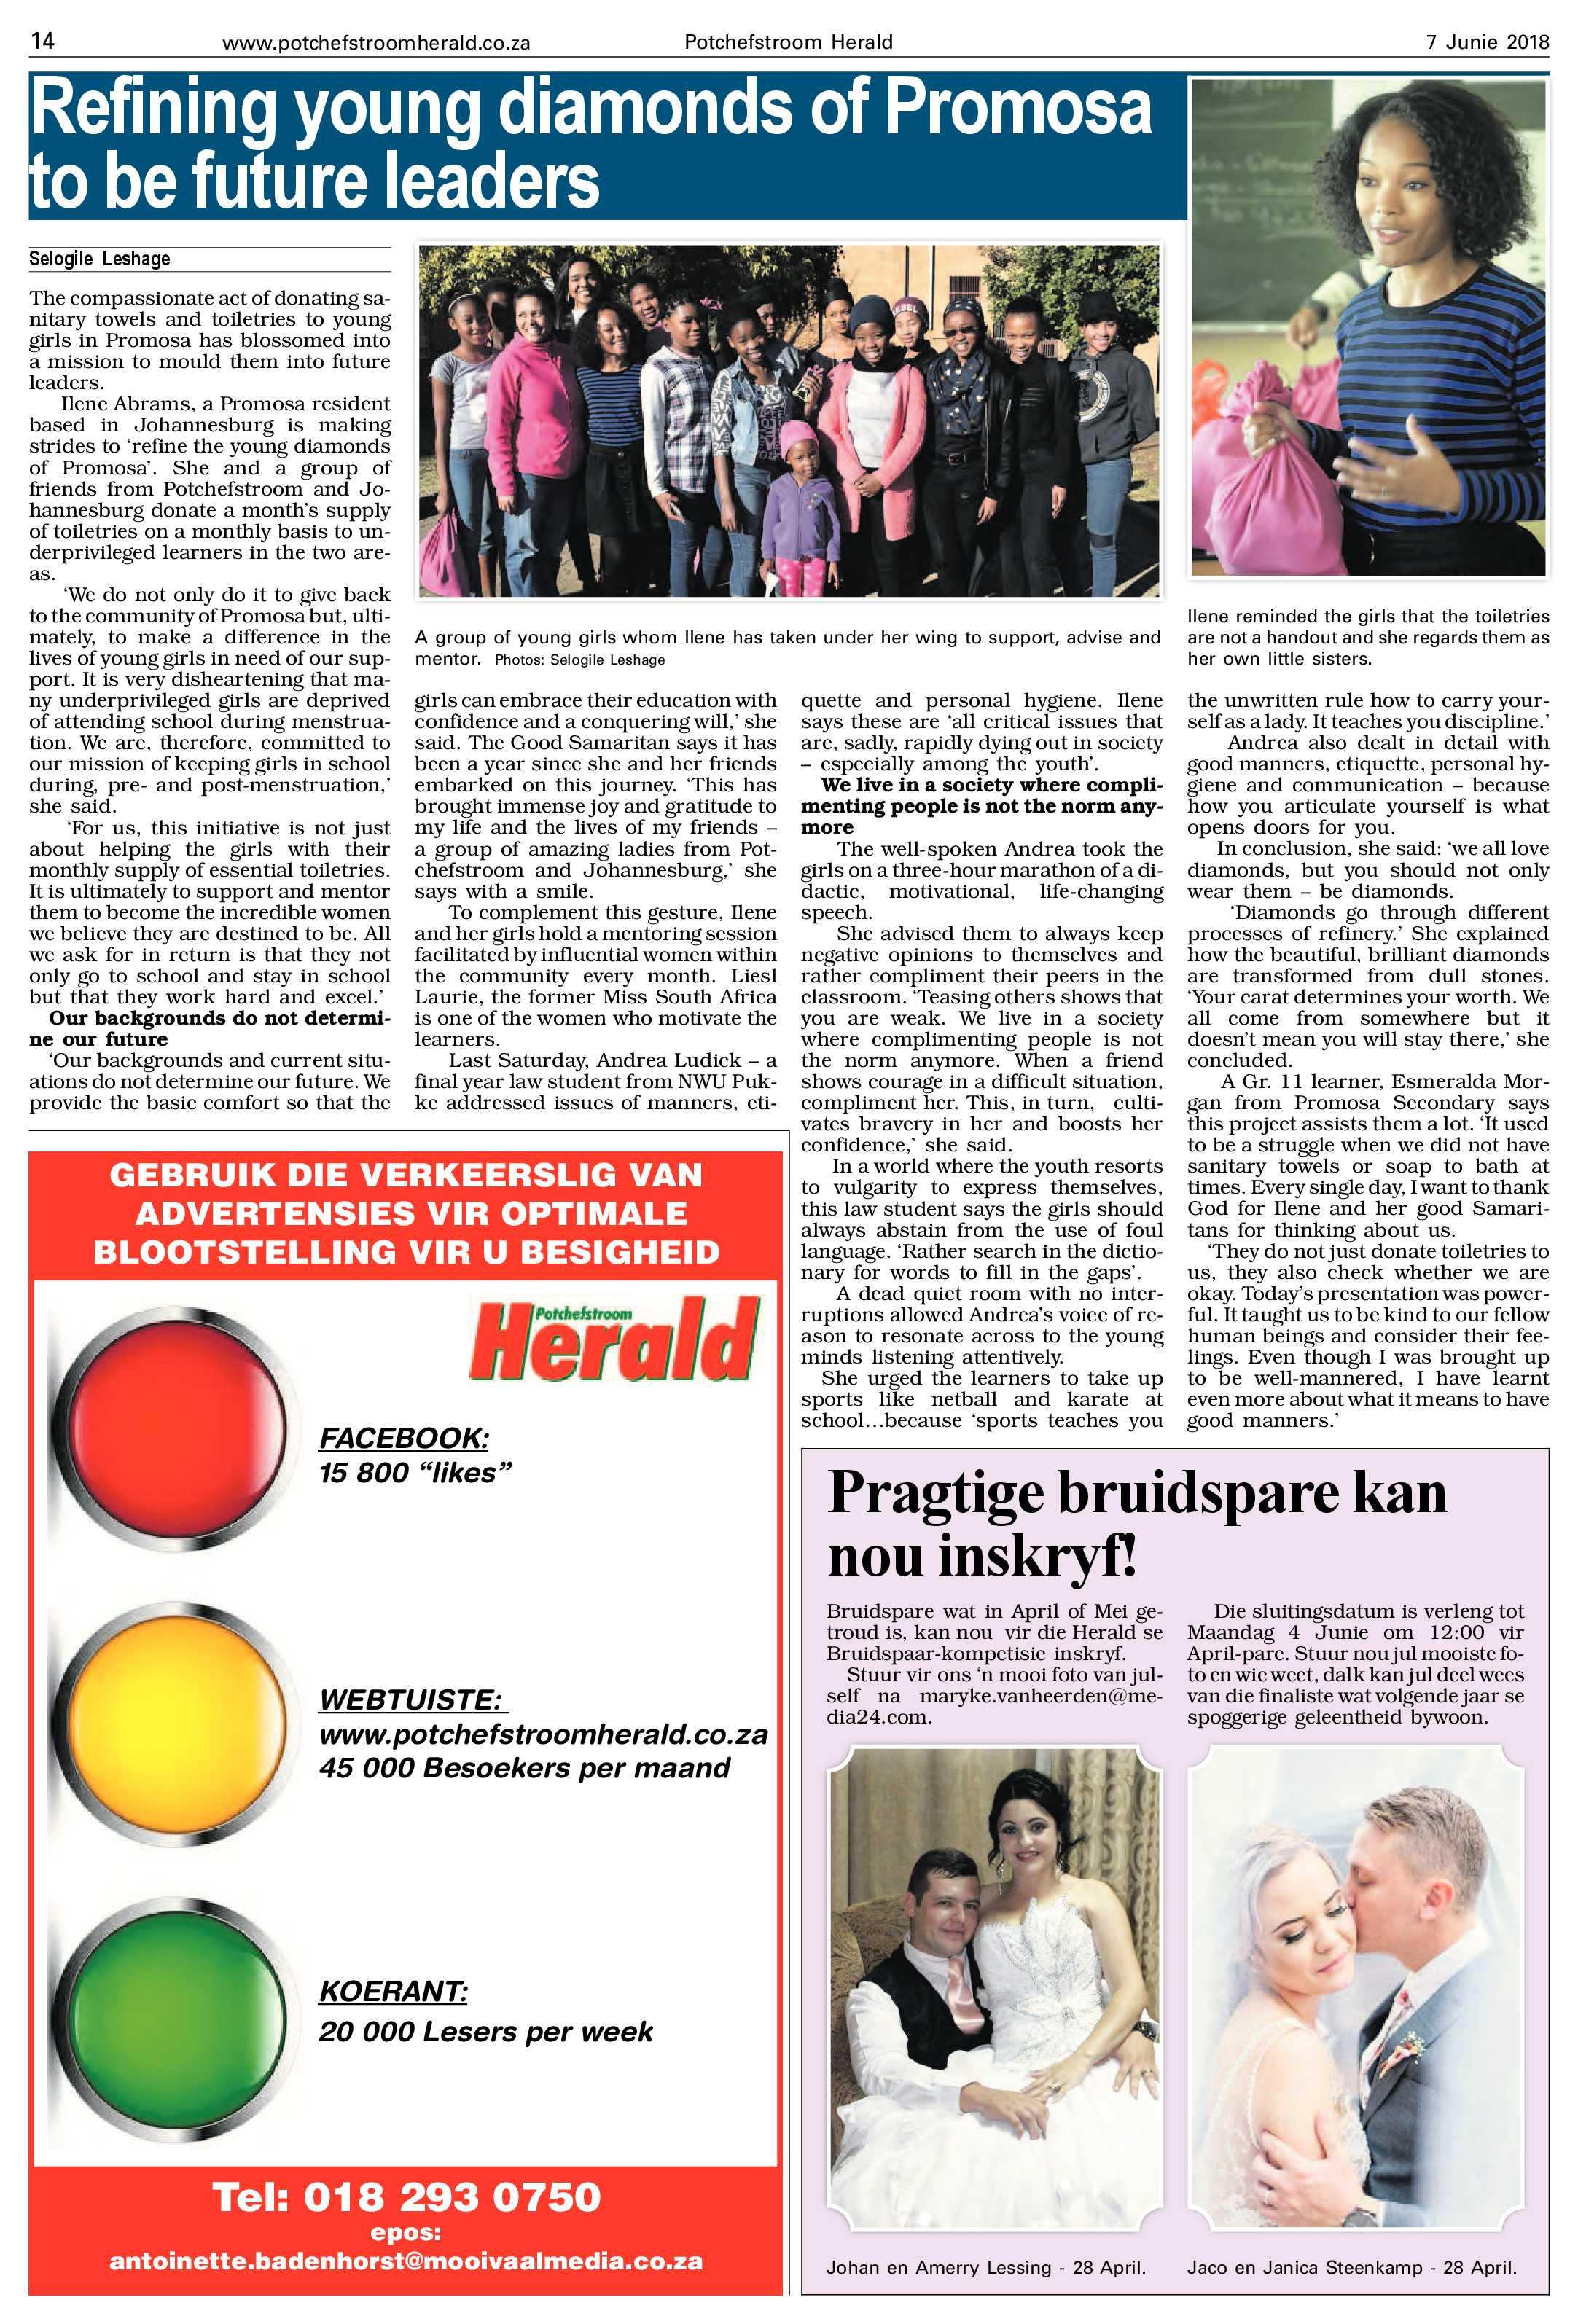 7-junie-2018-epapers-page-14